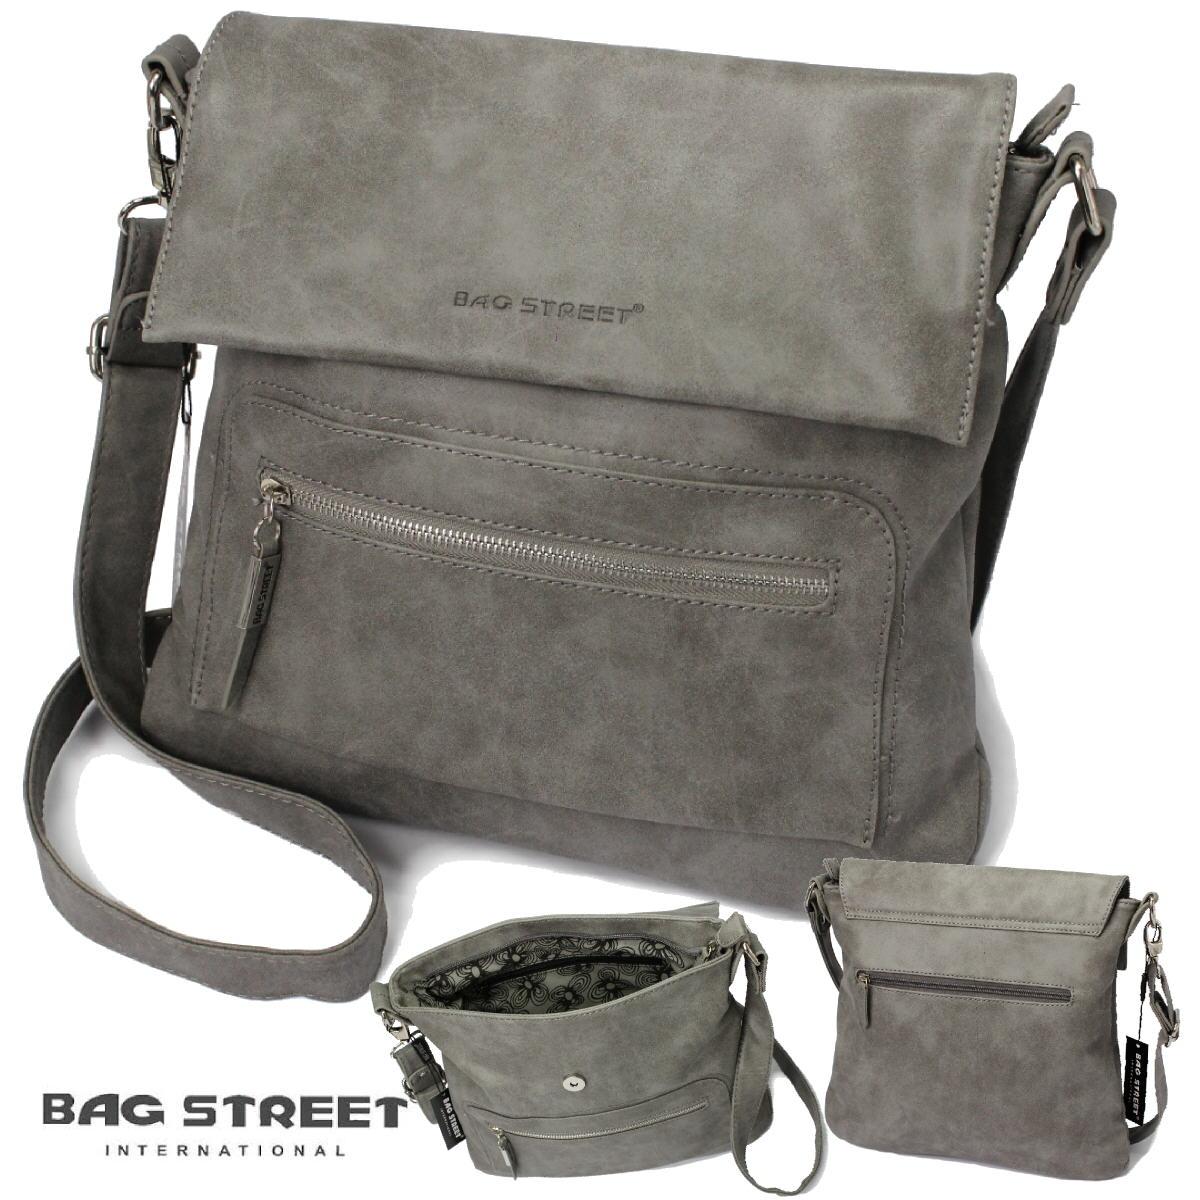 Tasche Umhängetasche Handtasche LederLook stone grau Bag Street Ta5241